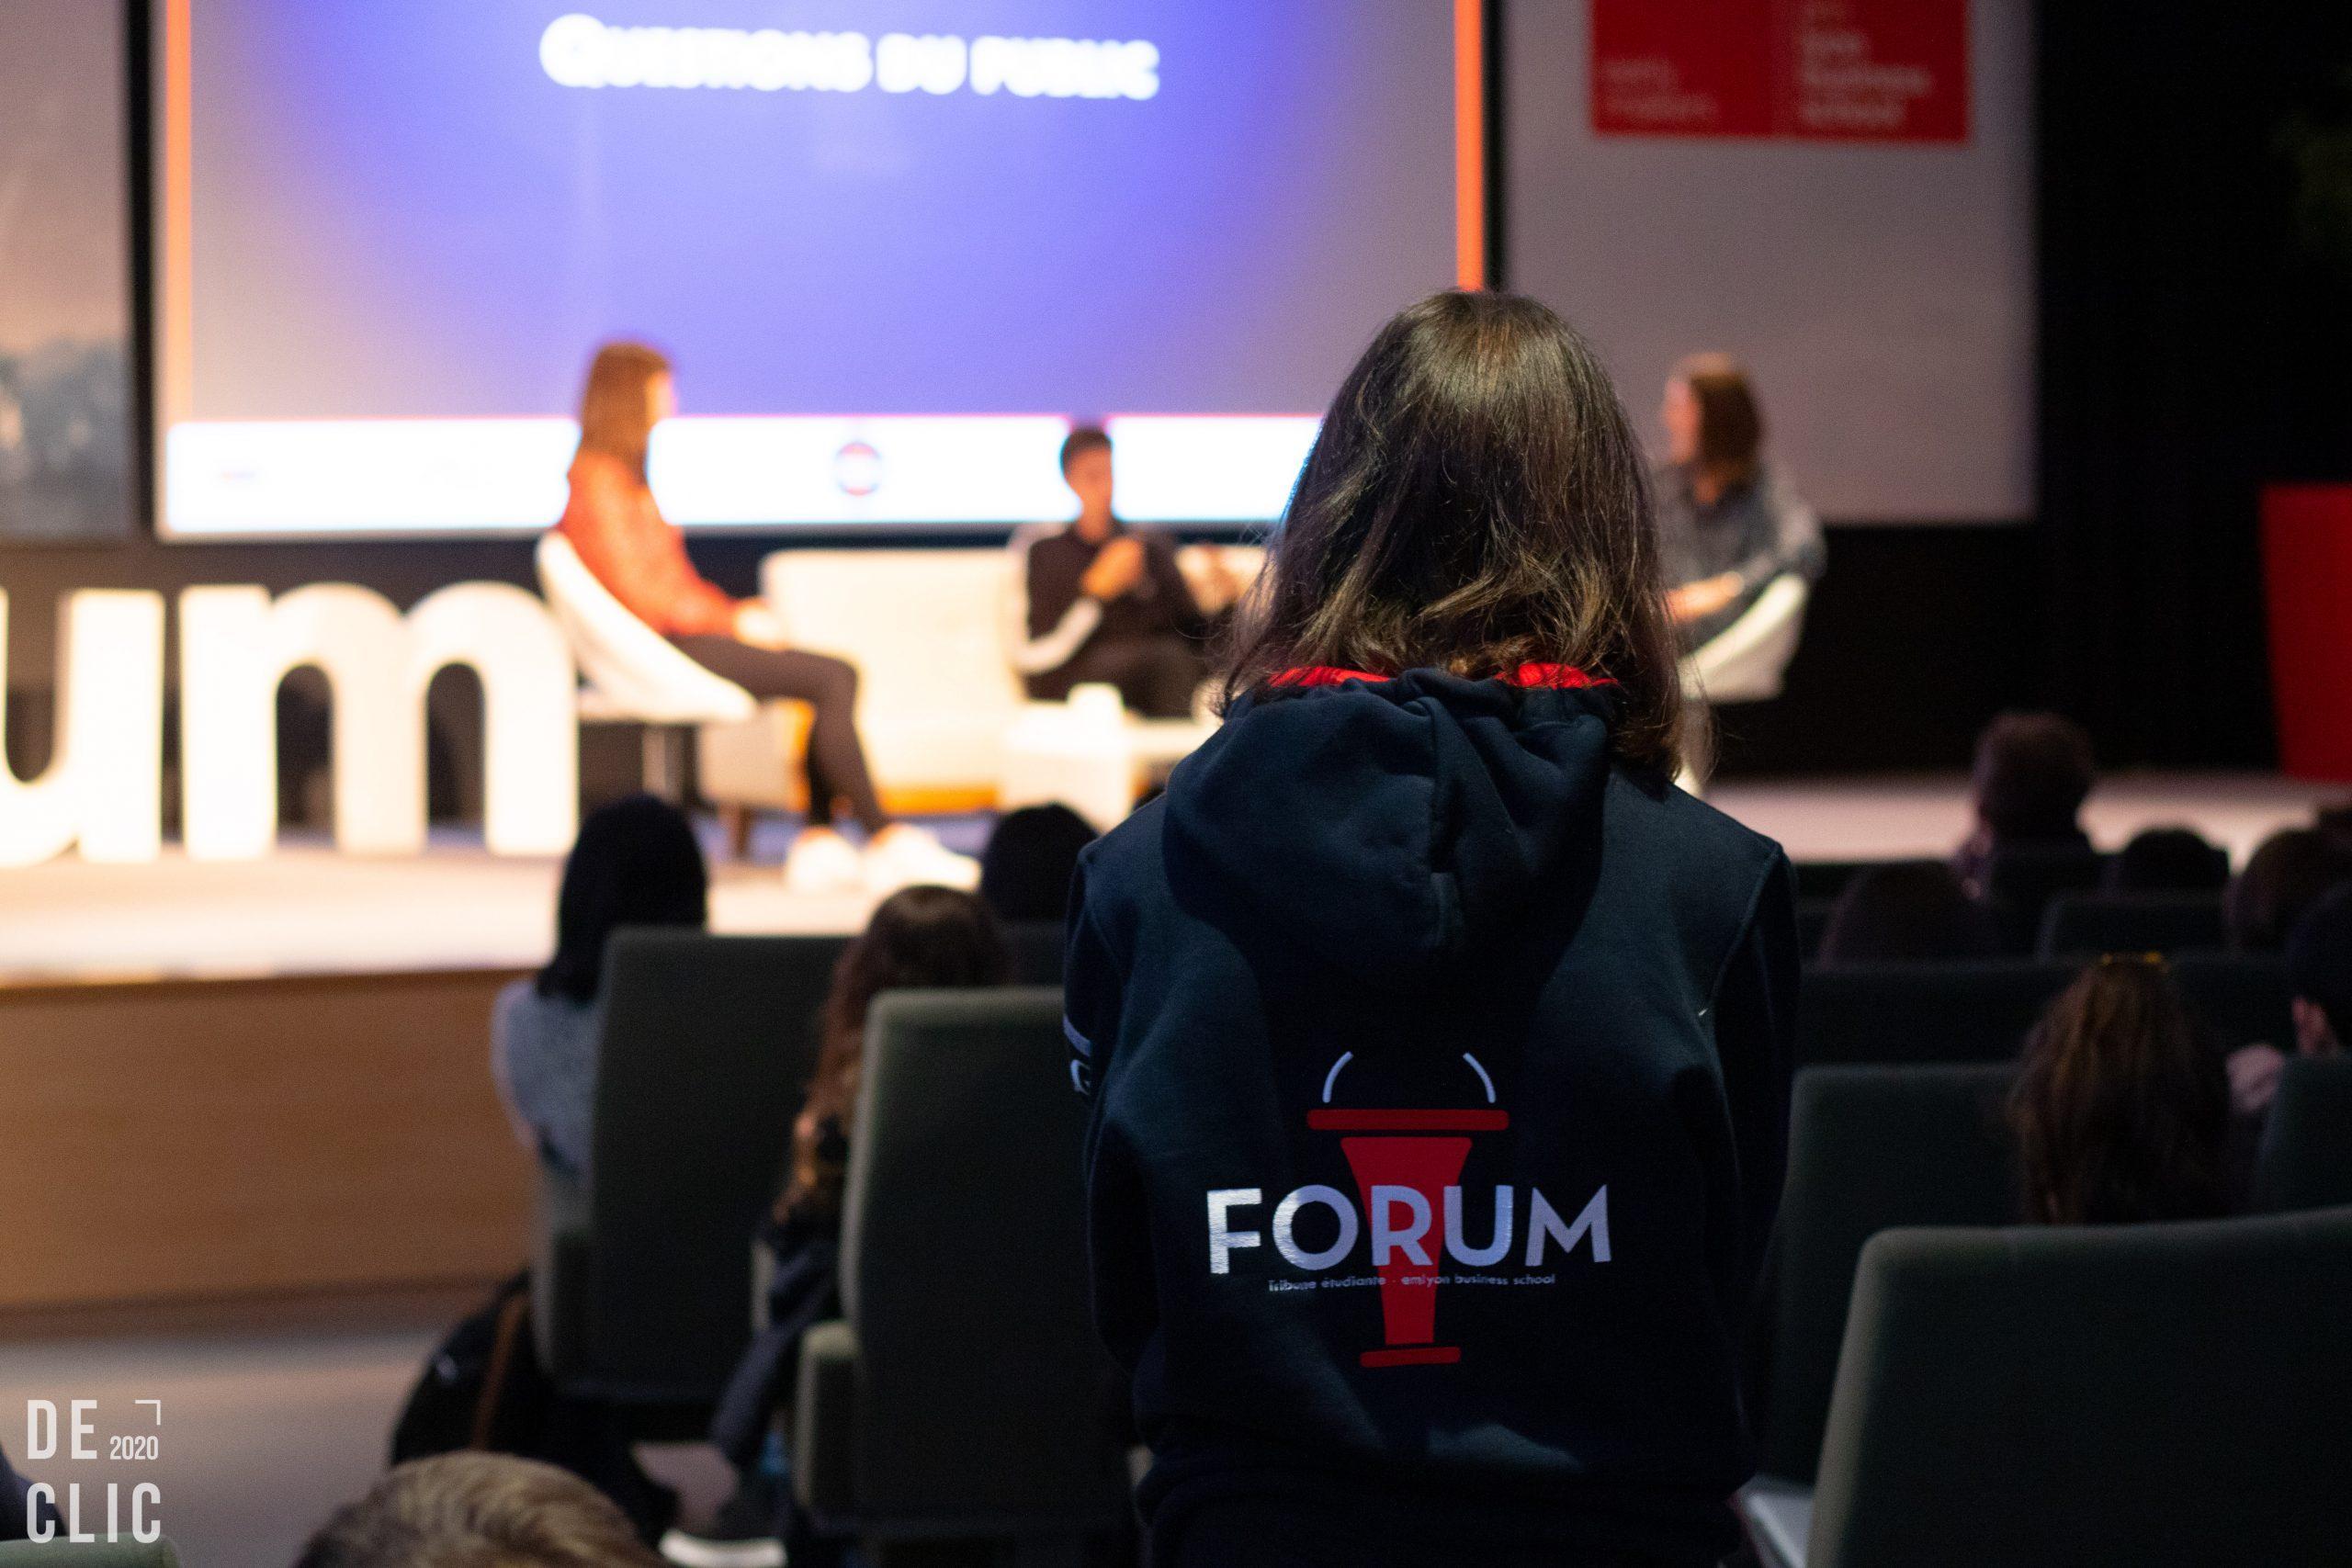 Forum emlyon